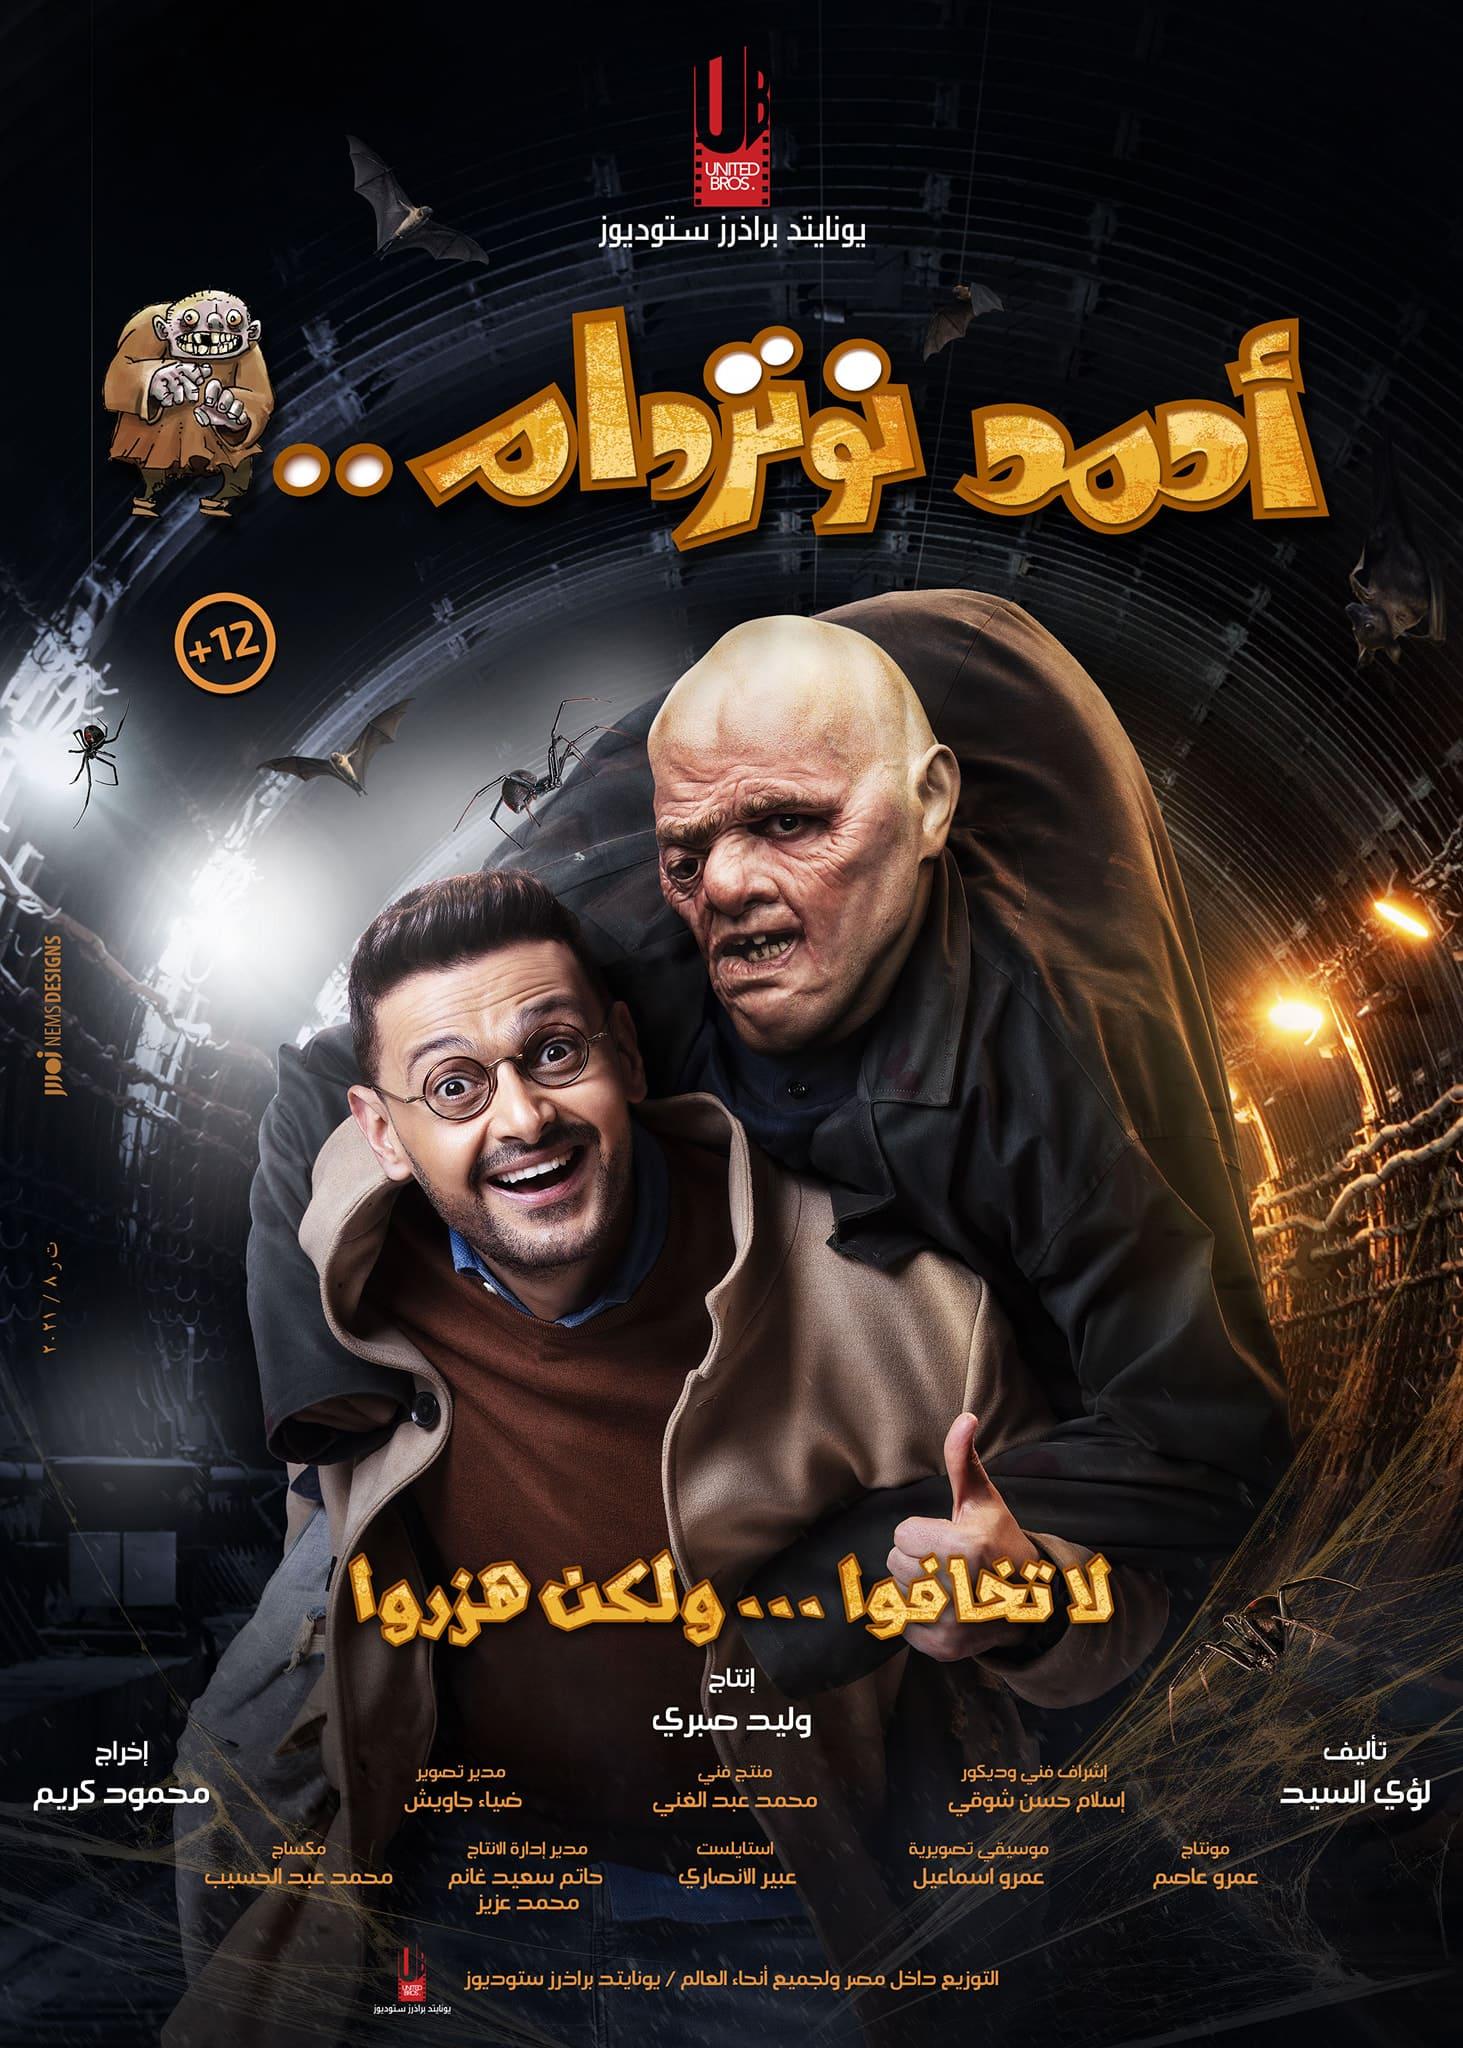 فيلم أحمد نوتردام لرامز جلال